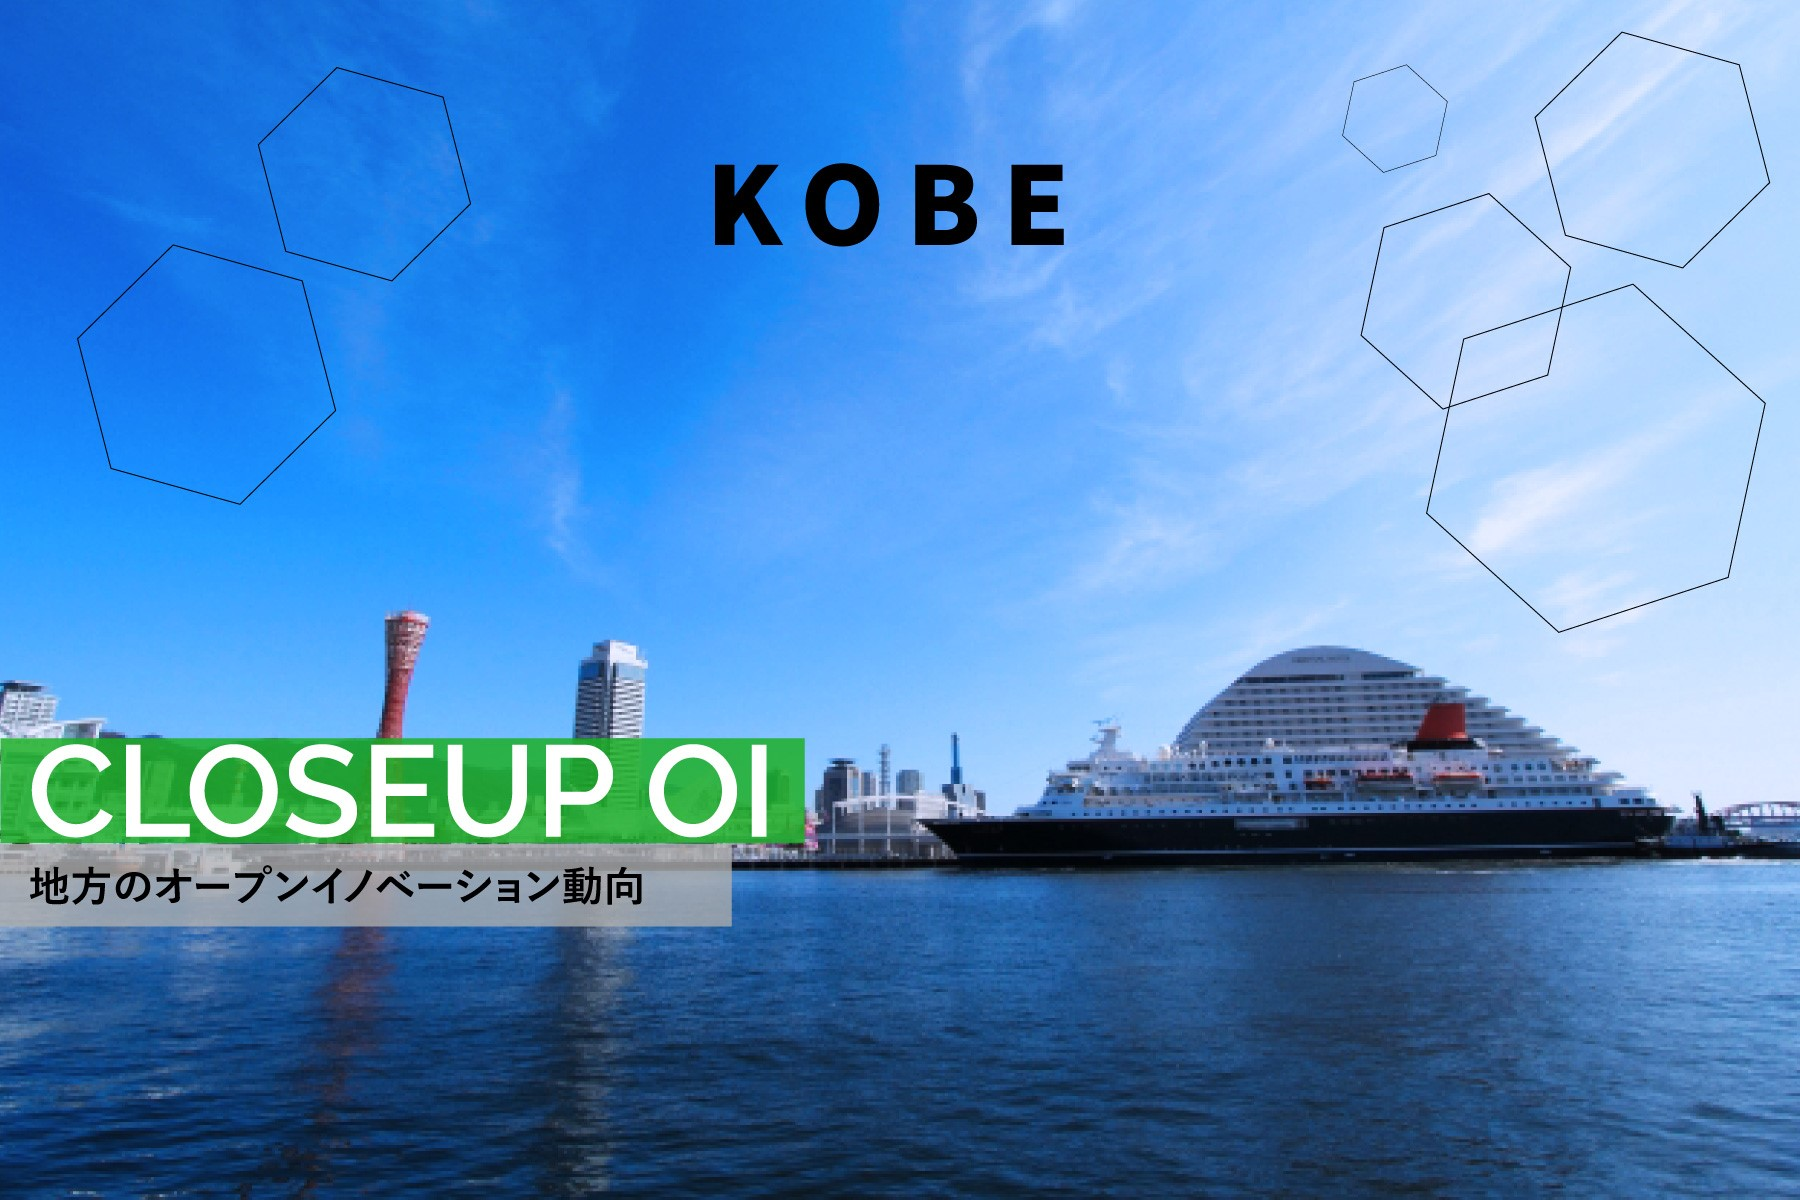 充実したアクセラ・OIプログラムがそろう神戸市 震災復興から次のステージへ進化する戦略とは